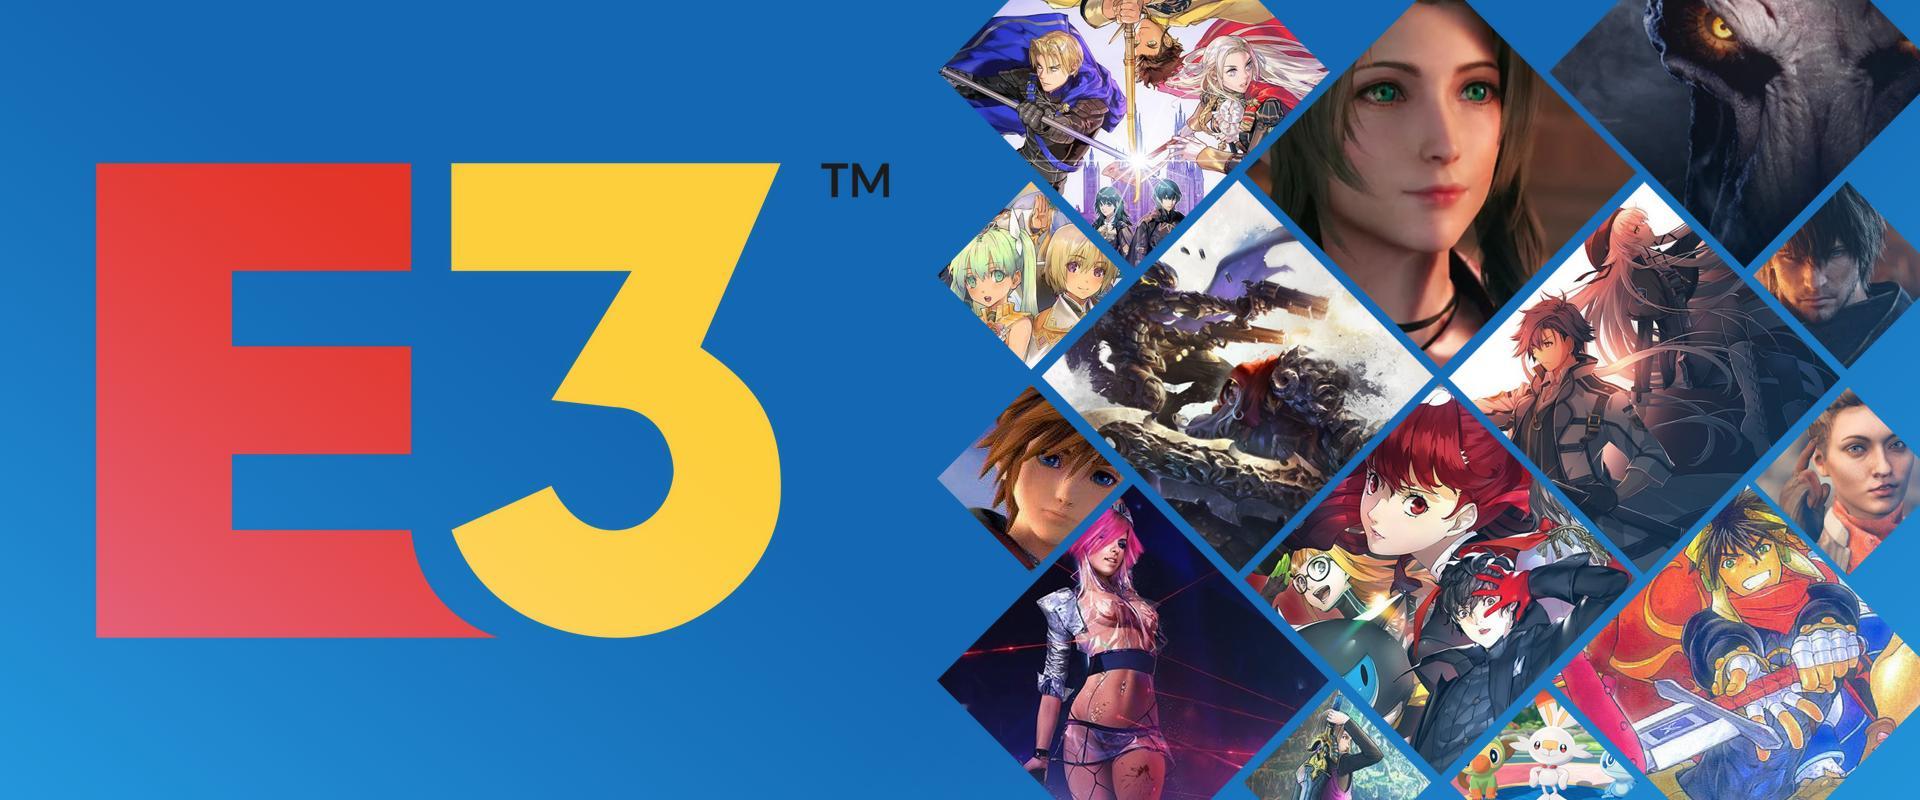 Segui con noi le conferenze dell'E3 2019!